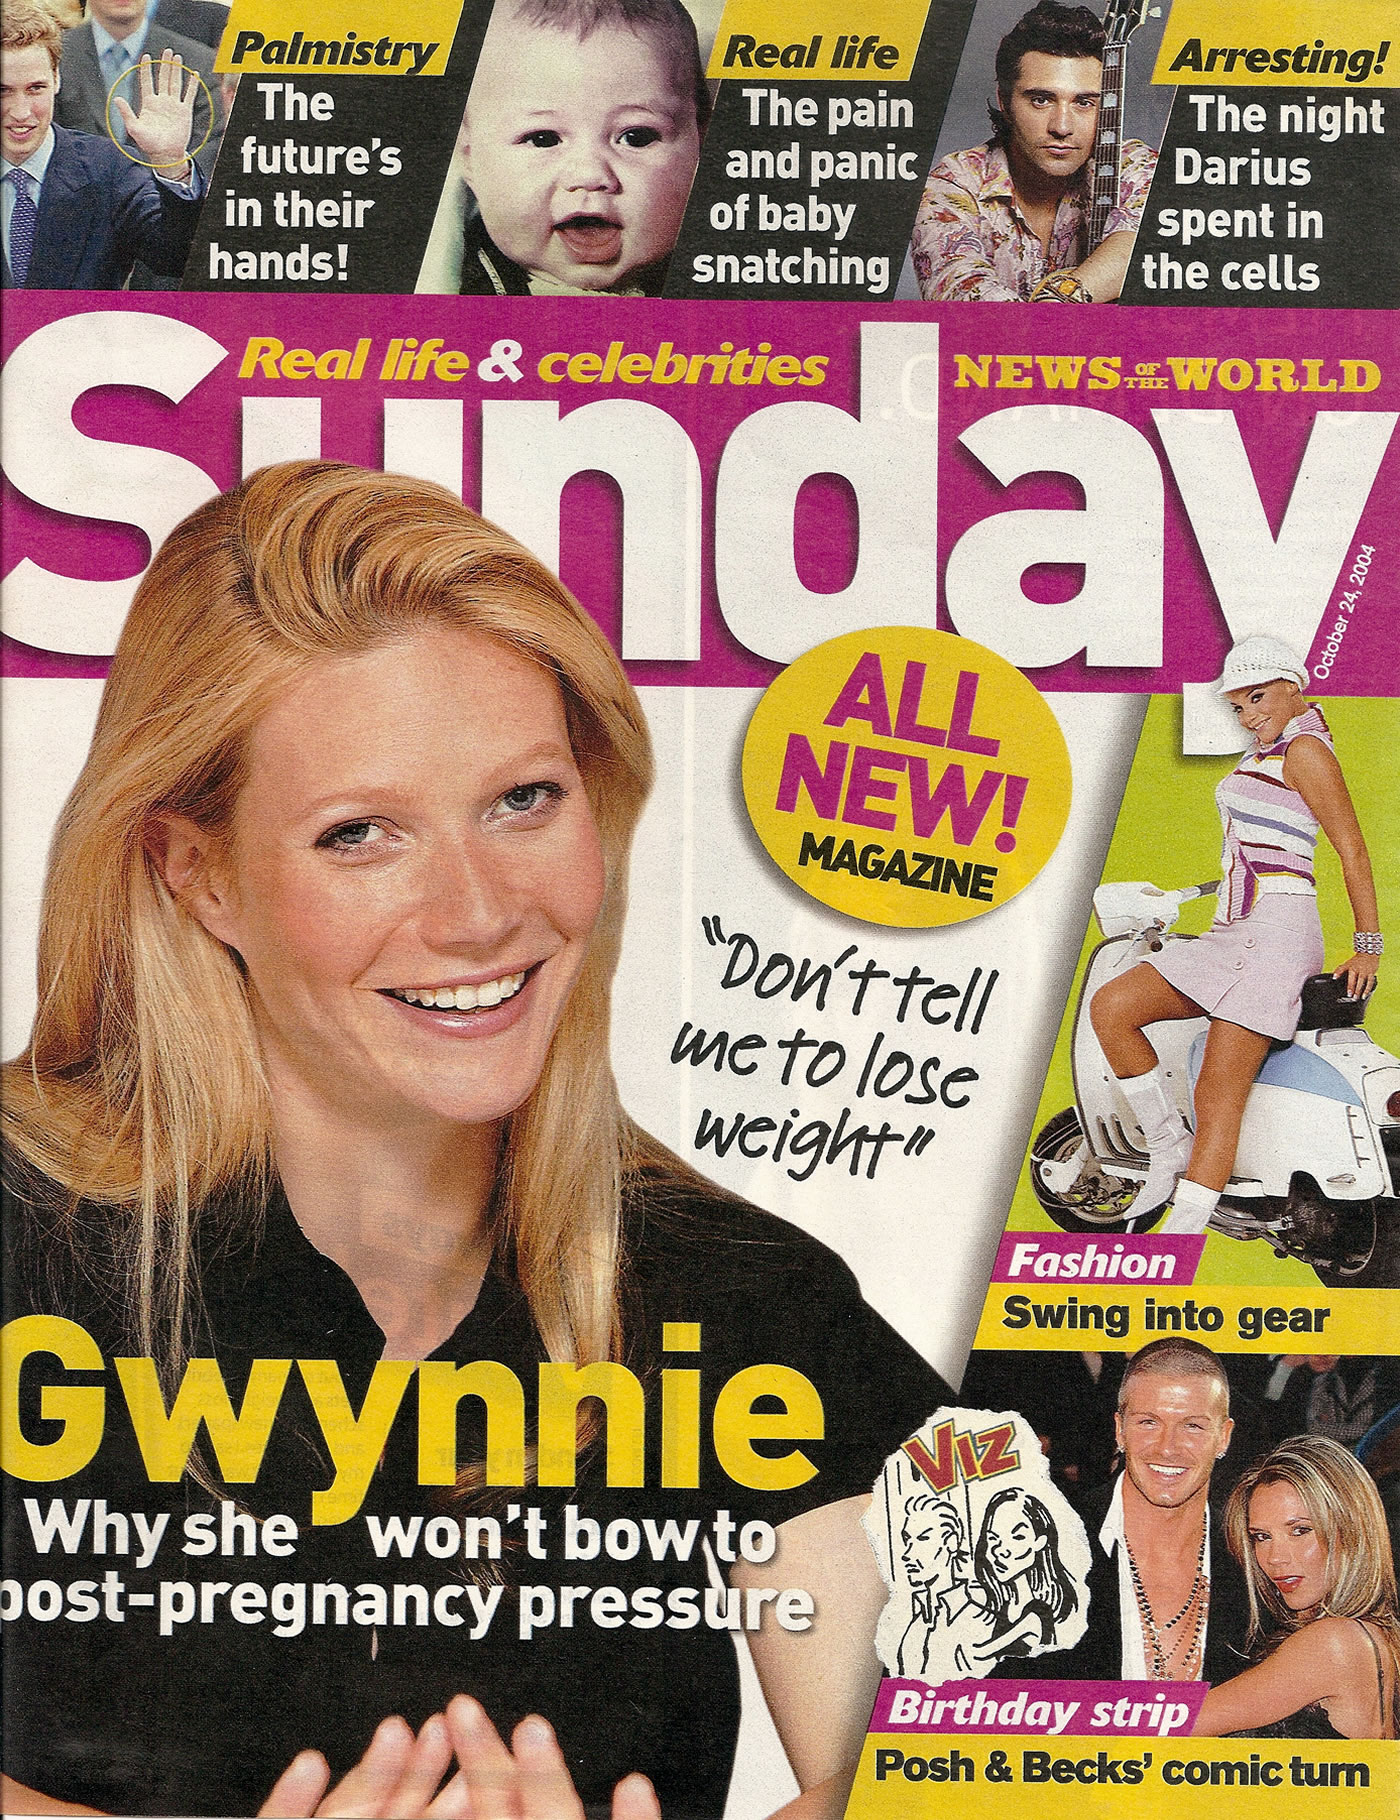 News of the World Sunday Magazine